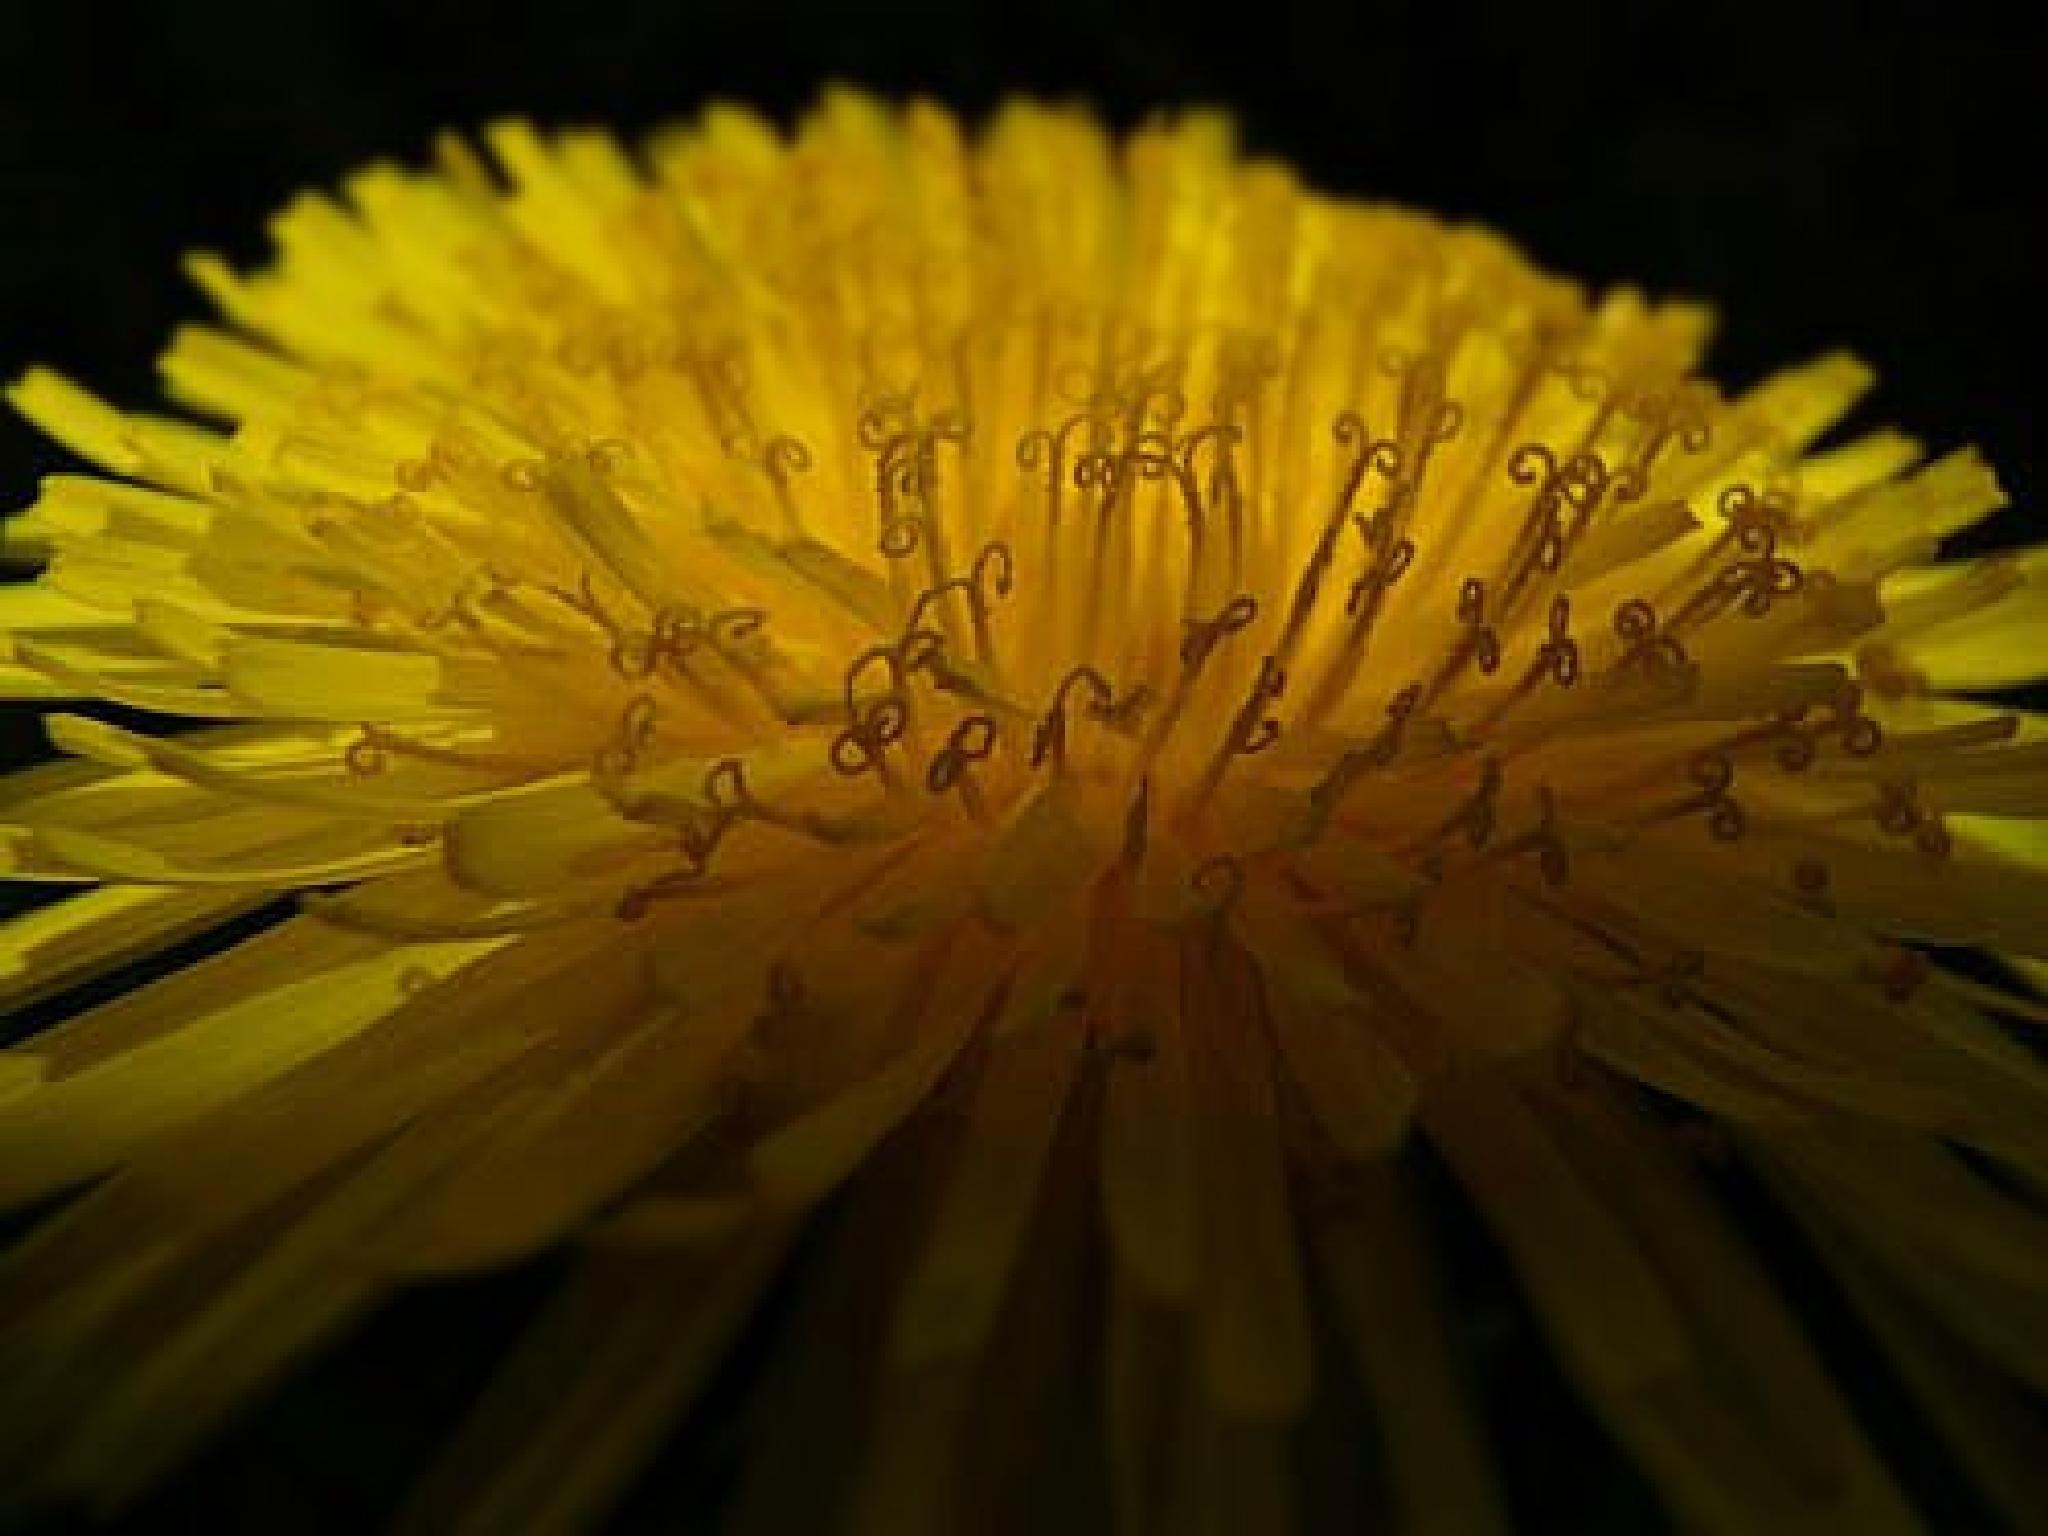 Dandelion 2 by dmickler